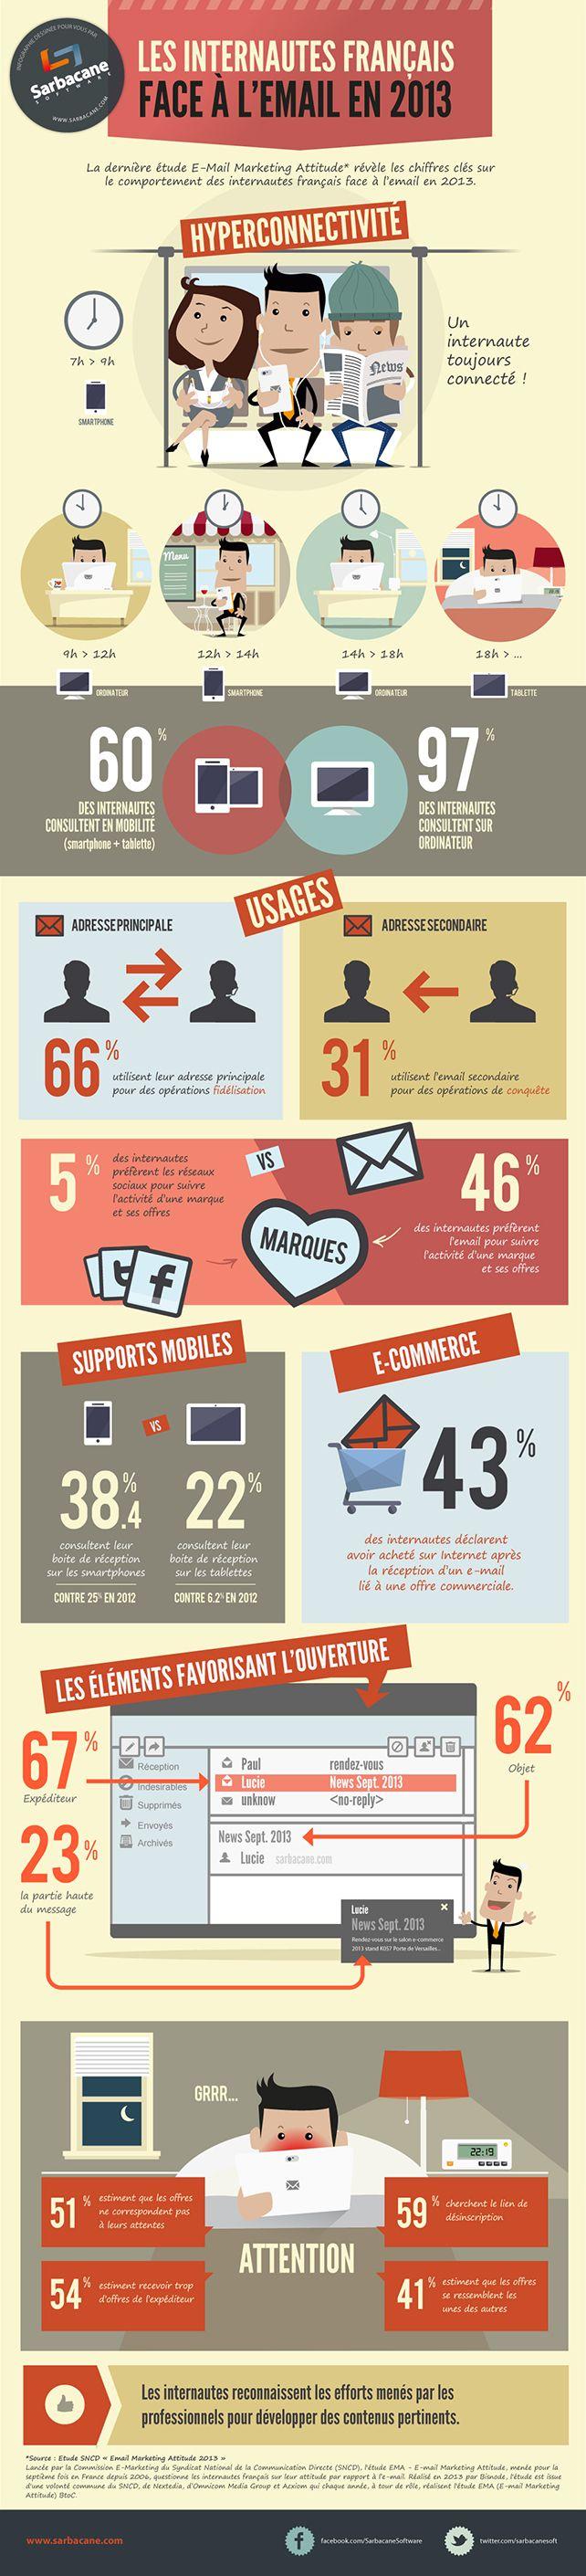 [#infographie] Les internautes français face à l'Emailing en 2013